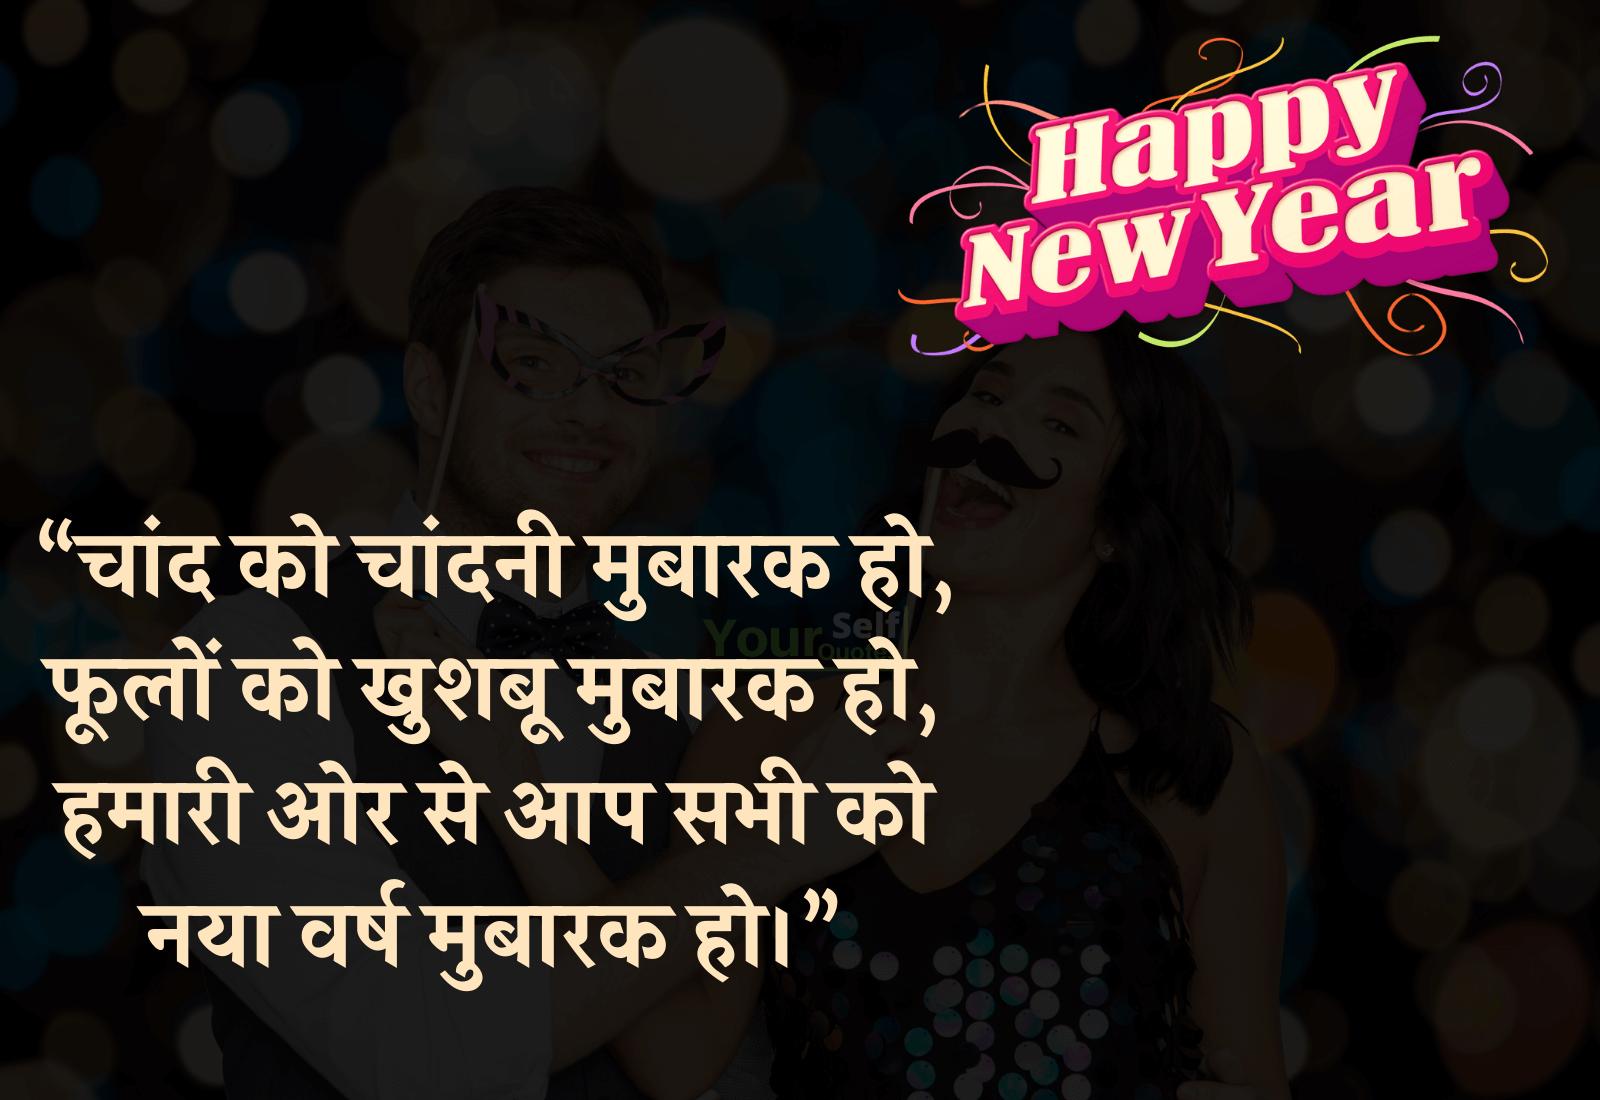 New Year Status Hindi Images